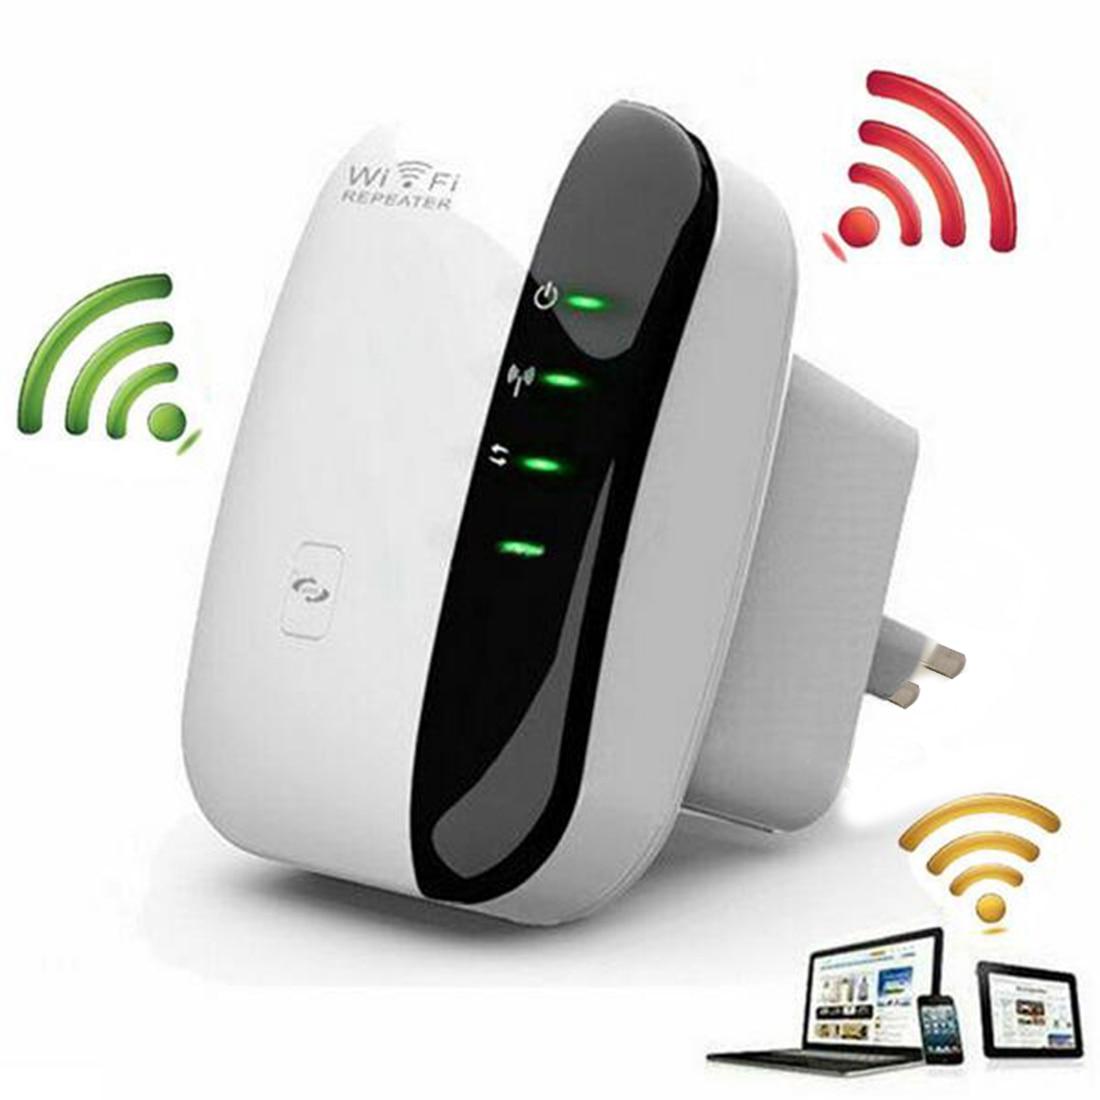 Nuovo Wireless-N Wifi AP Repeater 802.11b/g/n di Rete Wifi Router Expander Antenna Esteso Segnale Wi-Fi ripetitori di 300 Mbps Spina di UE